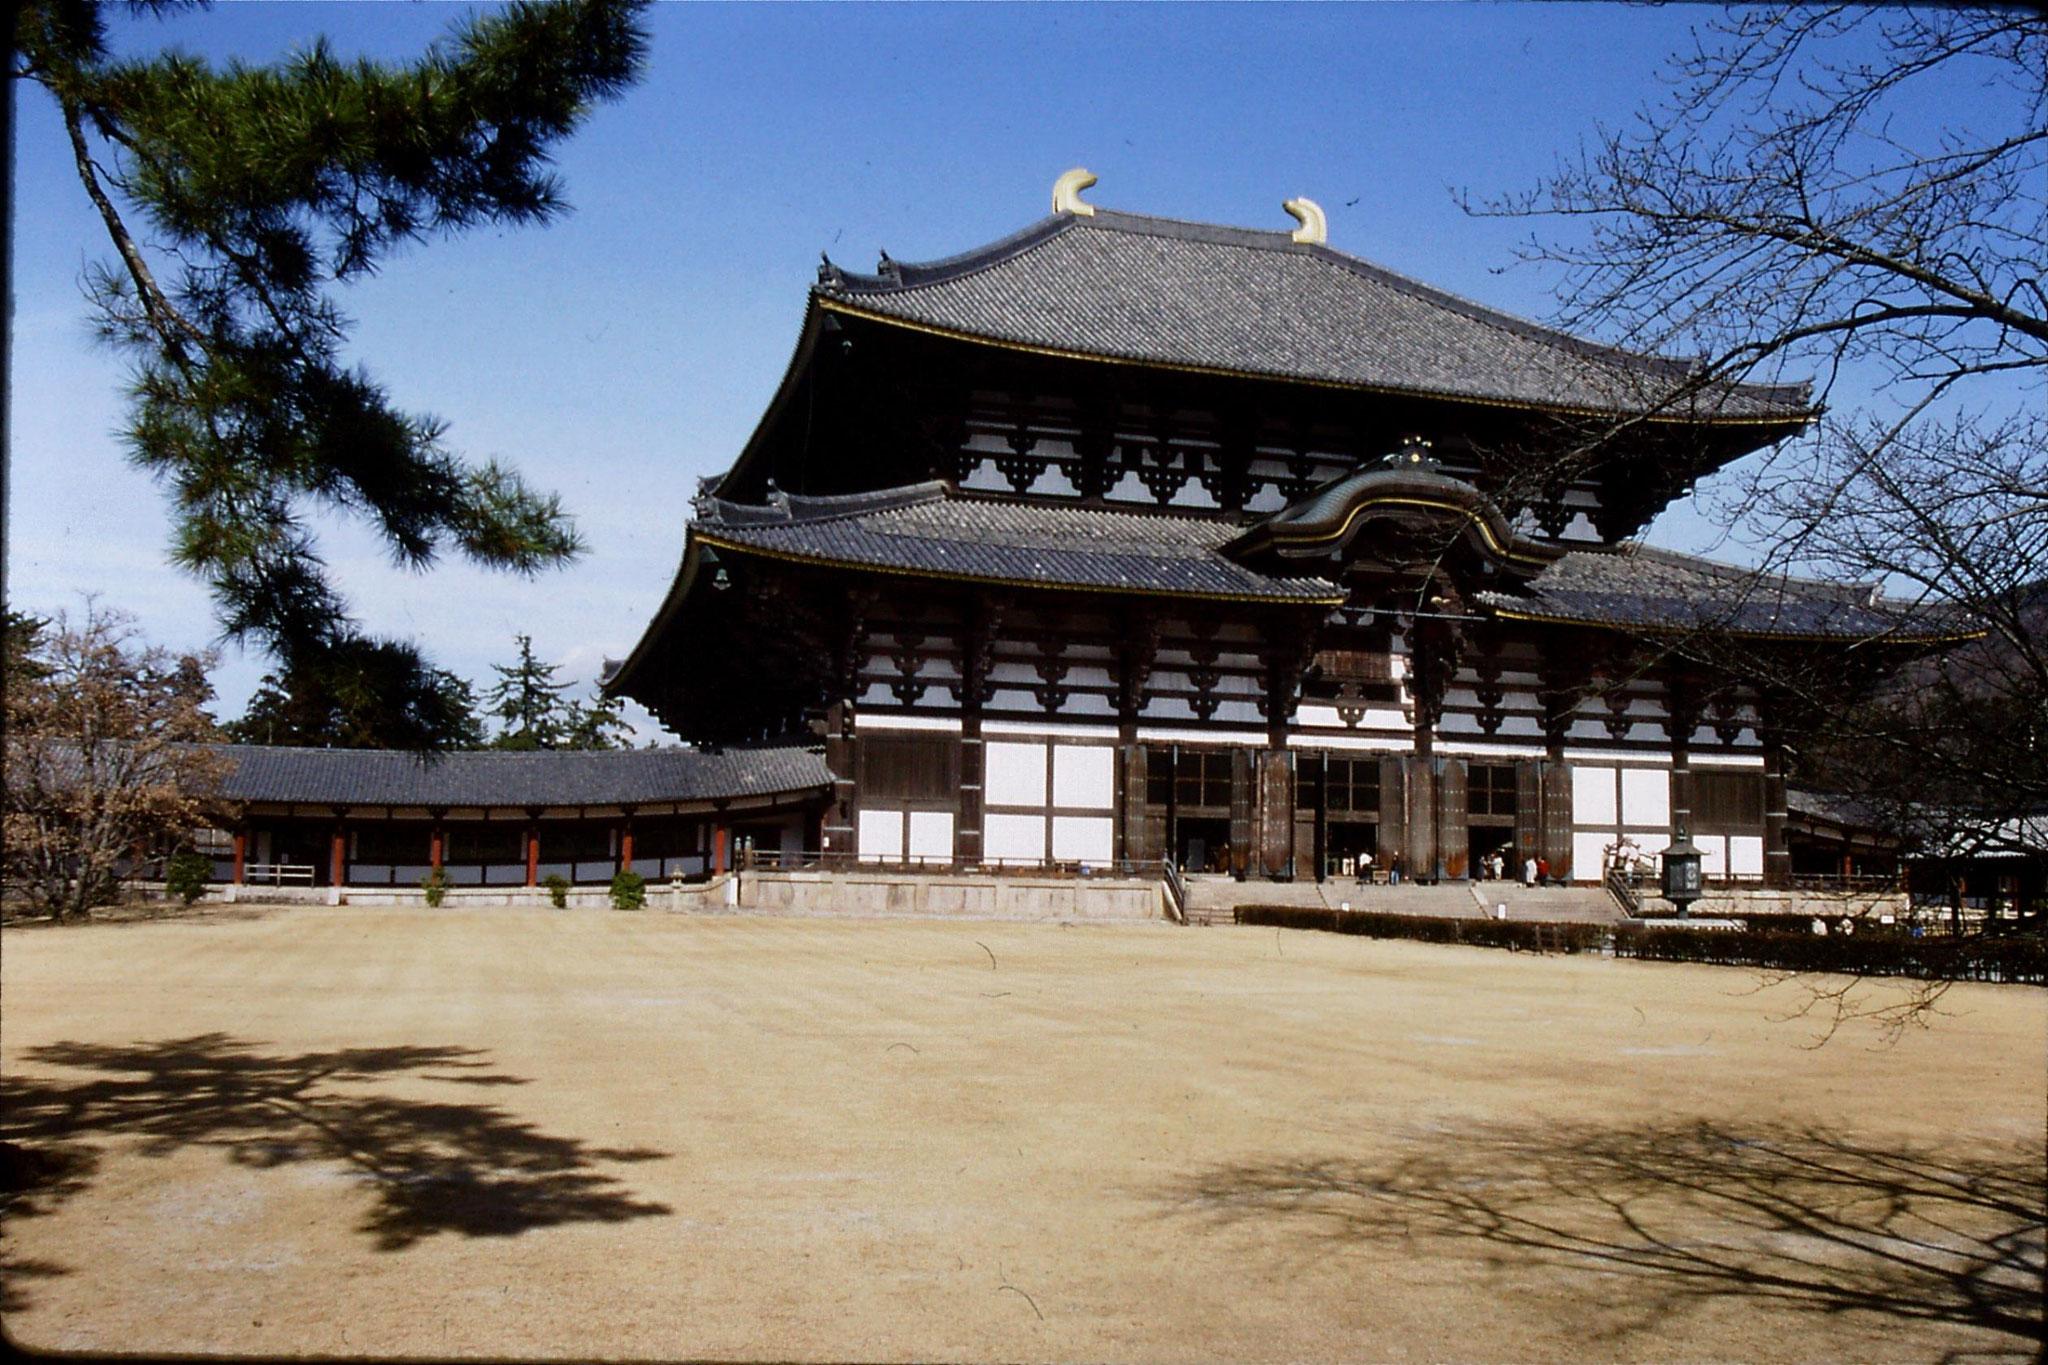 25/1/1989: 32: Nara Todaiji